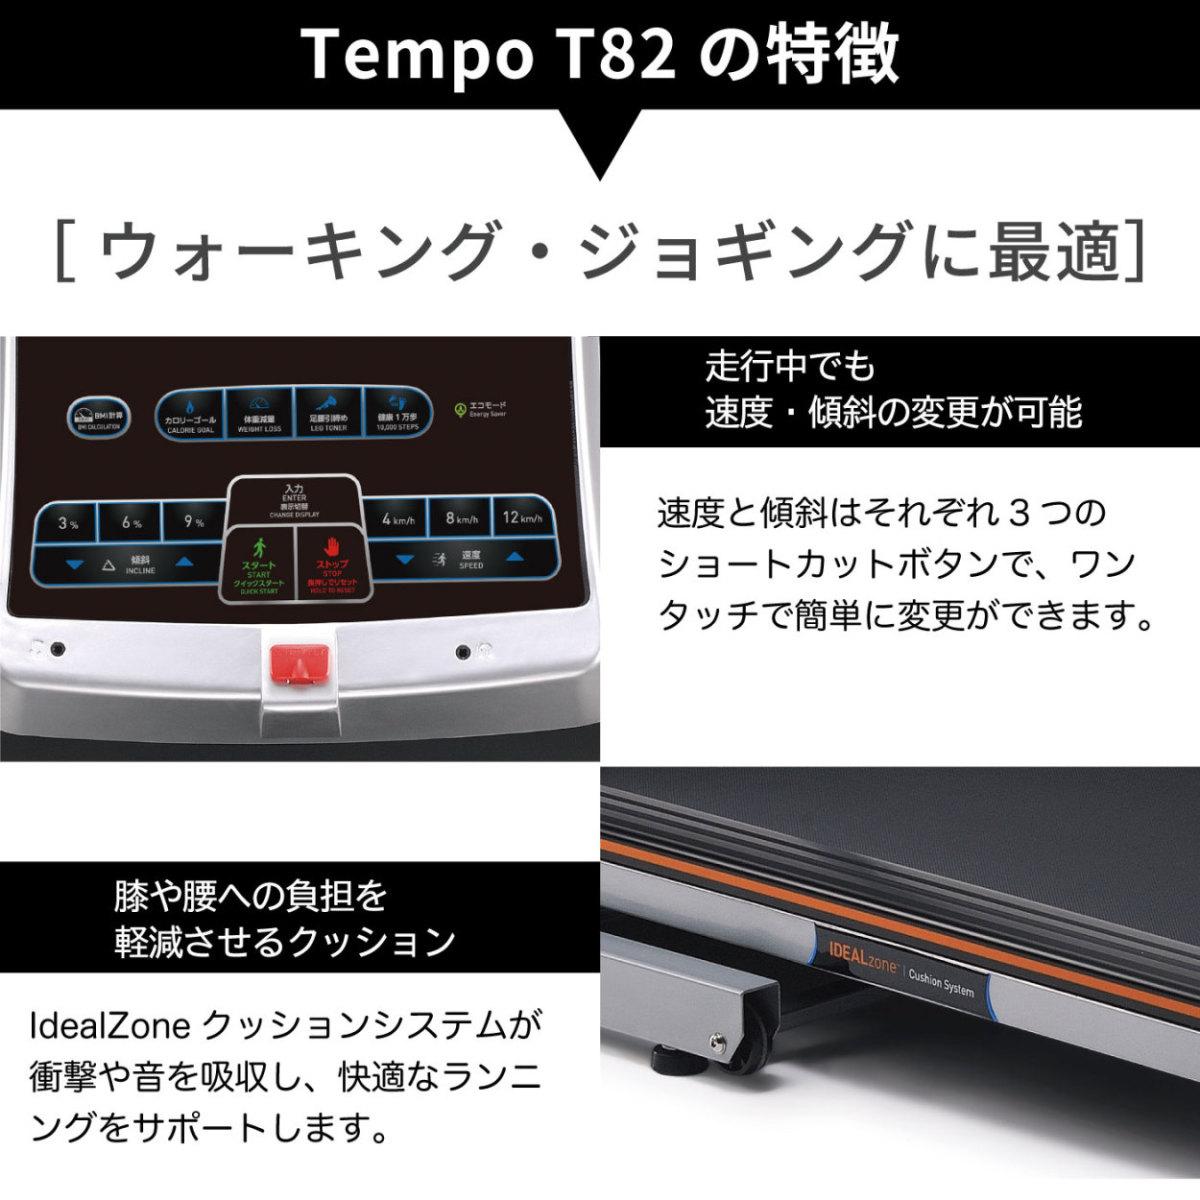 ホライズン トレッドミル Tempo T82の商品画像|4